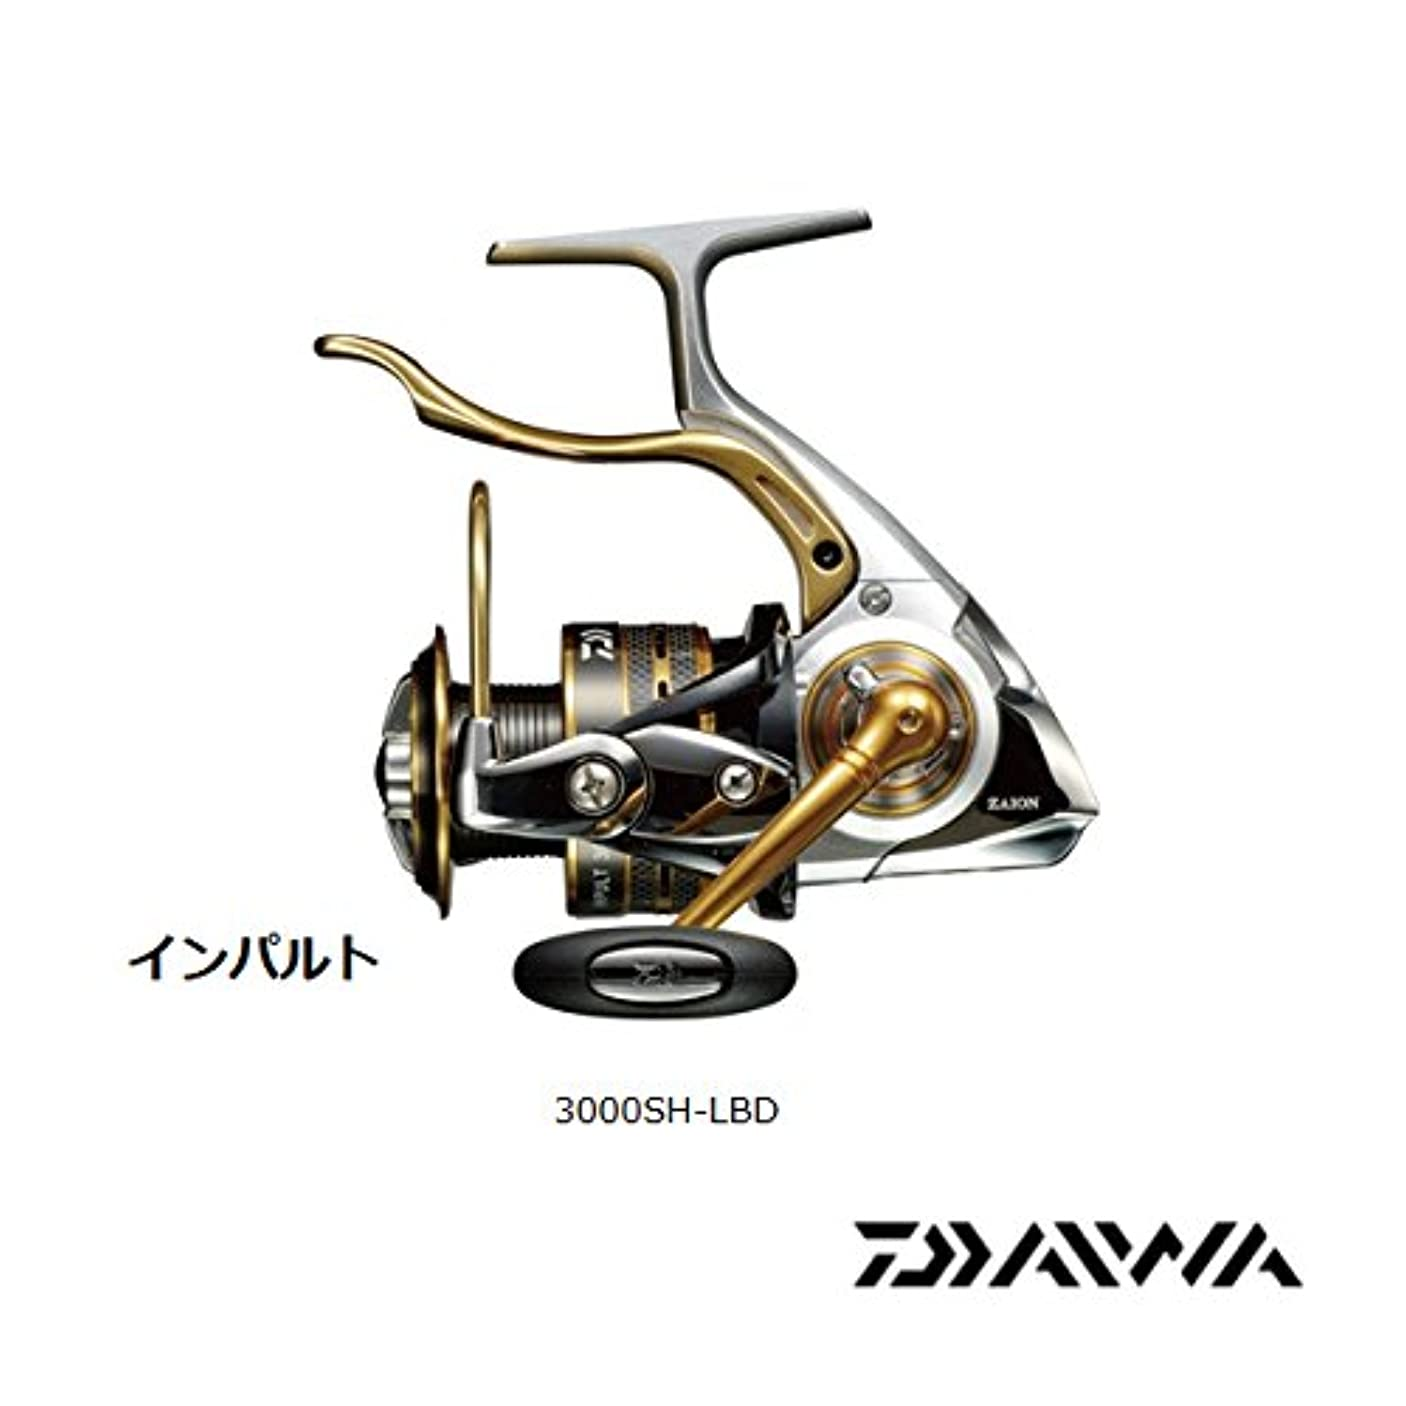 うま混雑肥沃なダイワ(Daiwa) スピニングリール 14 インパルト 3000SH-LBD